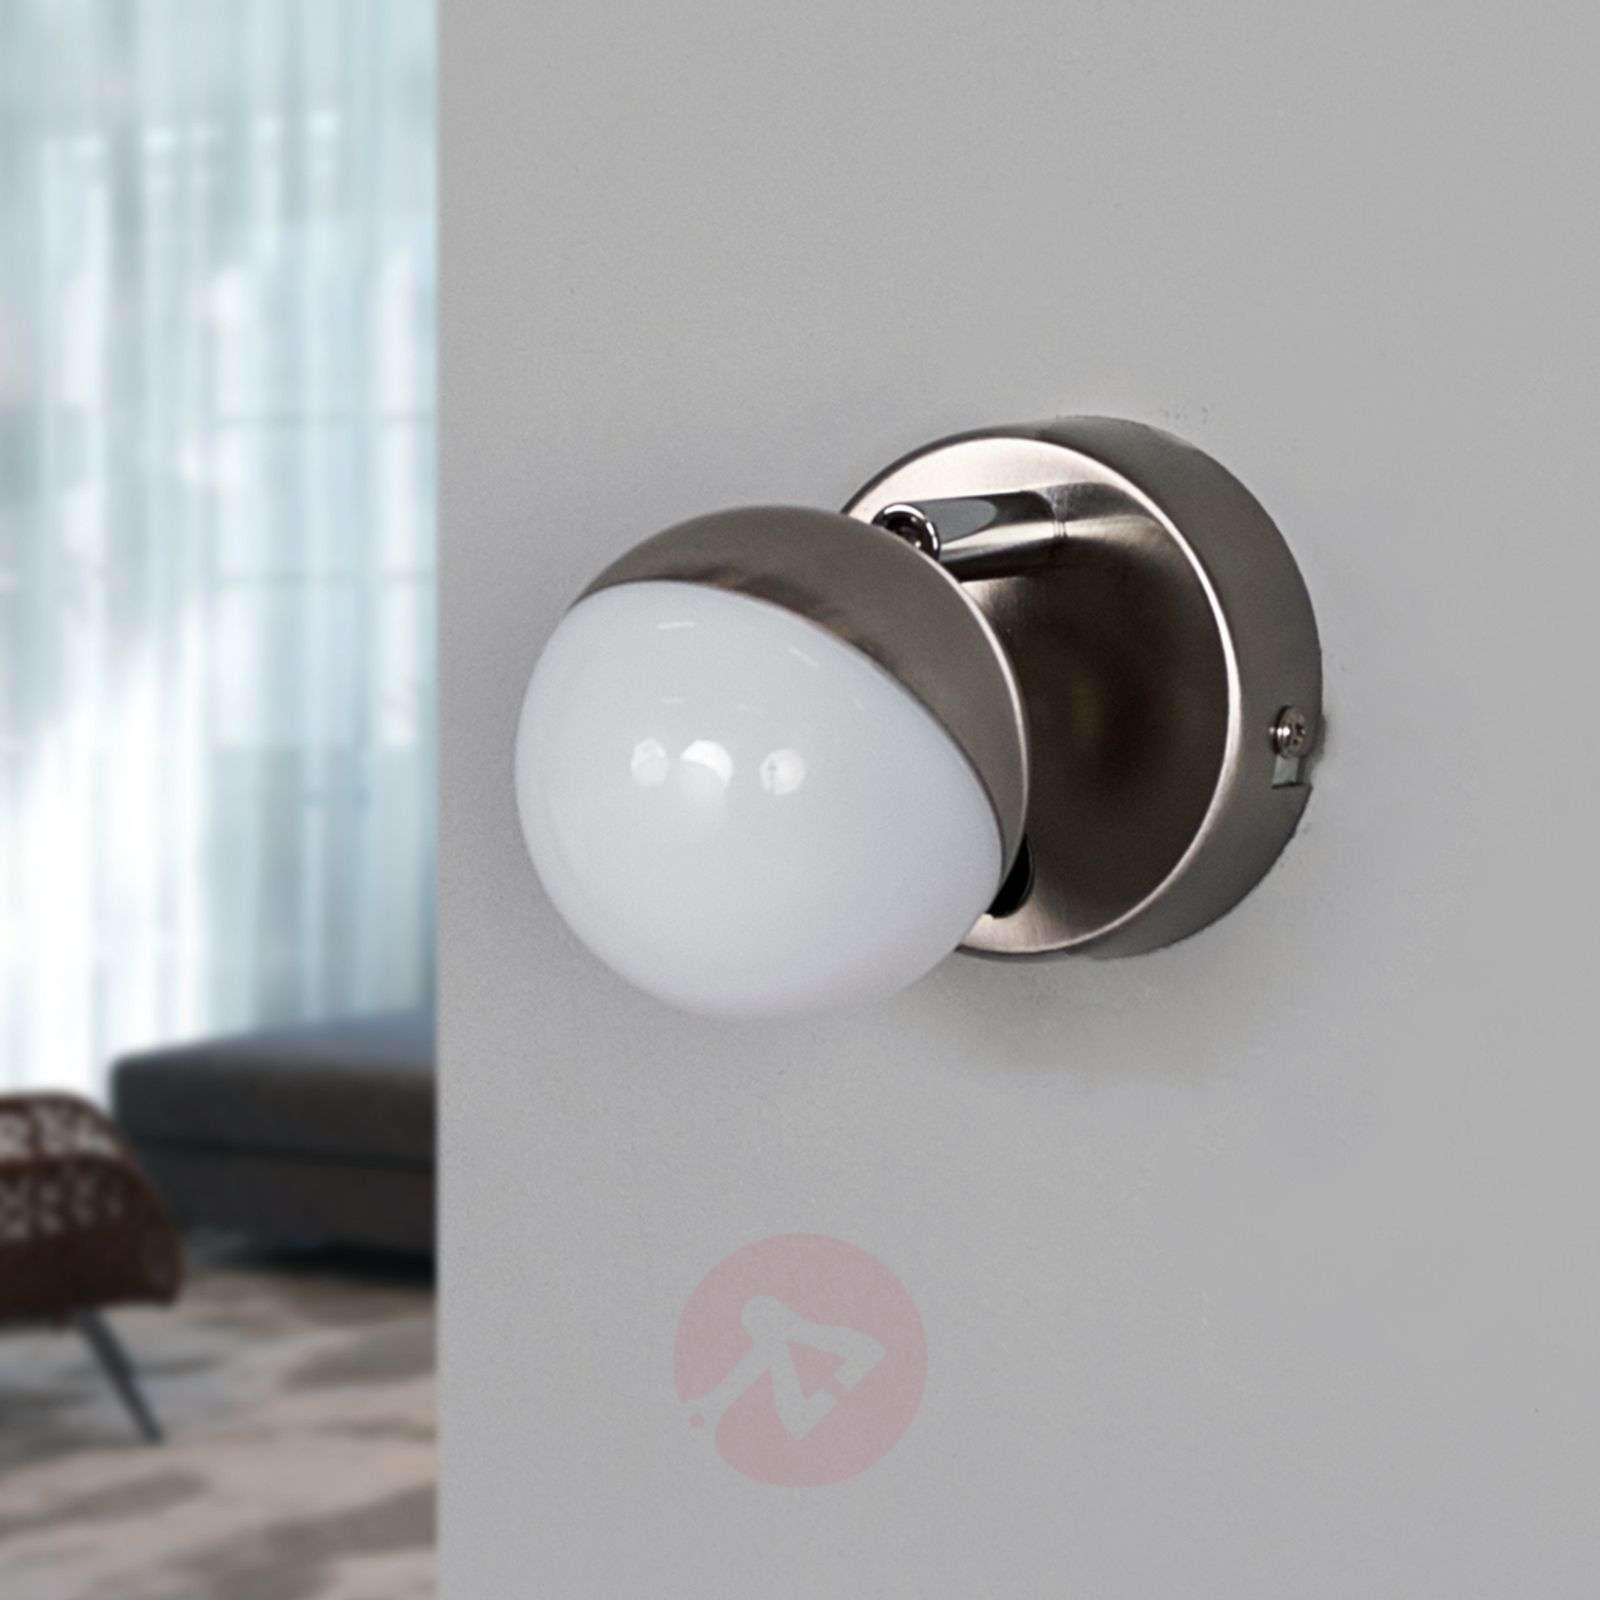 Jonne LED spotlight for walls or ceilings-9987055-04